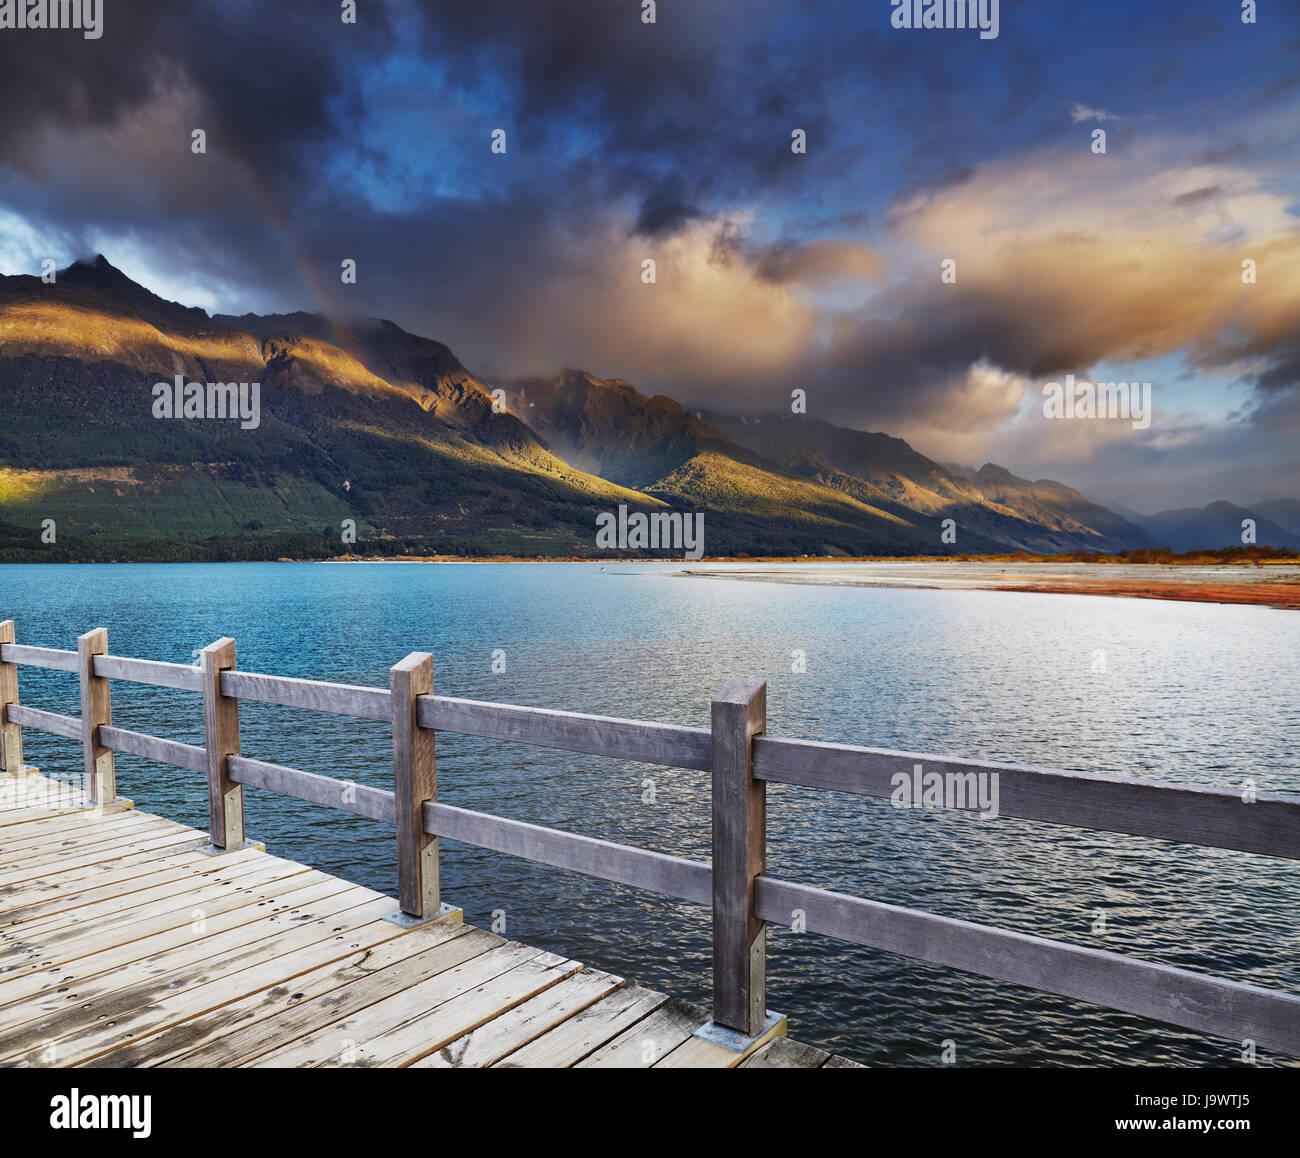 Wakatipu Lake at sunrise, Glenorchy, New Zealand - Stock Image